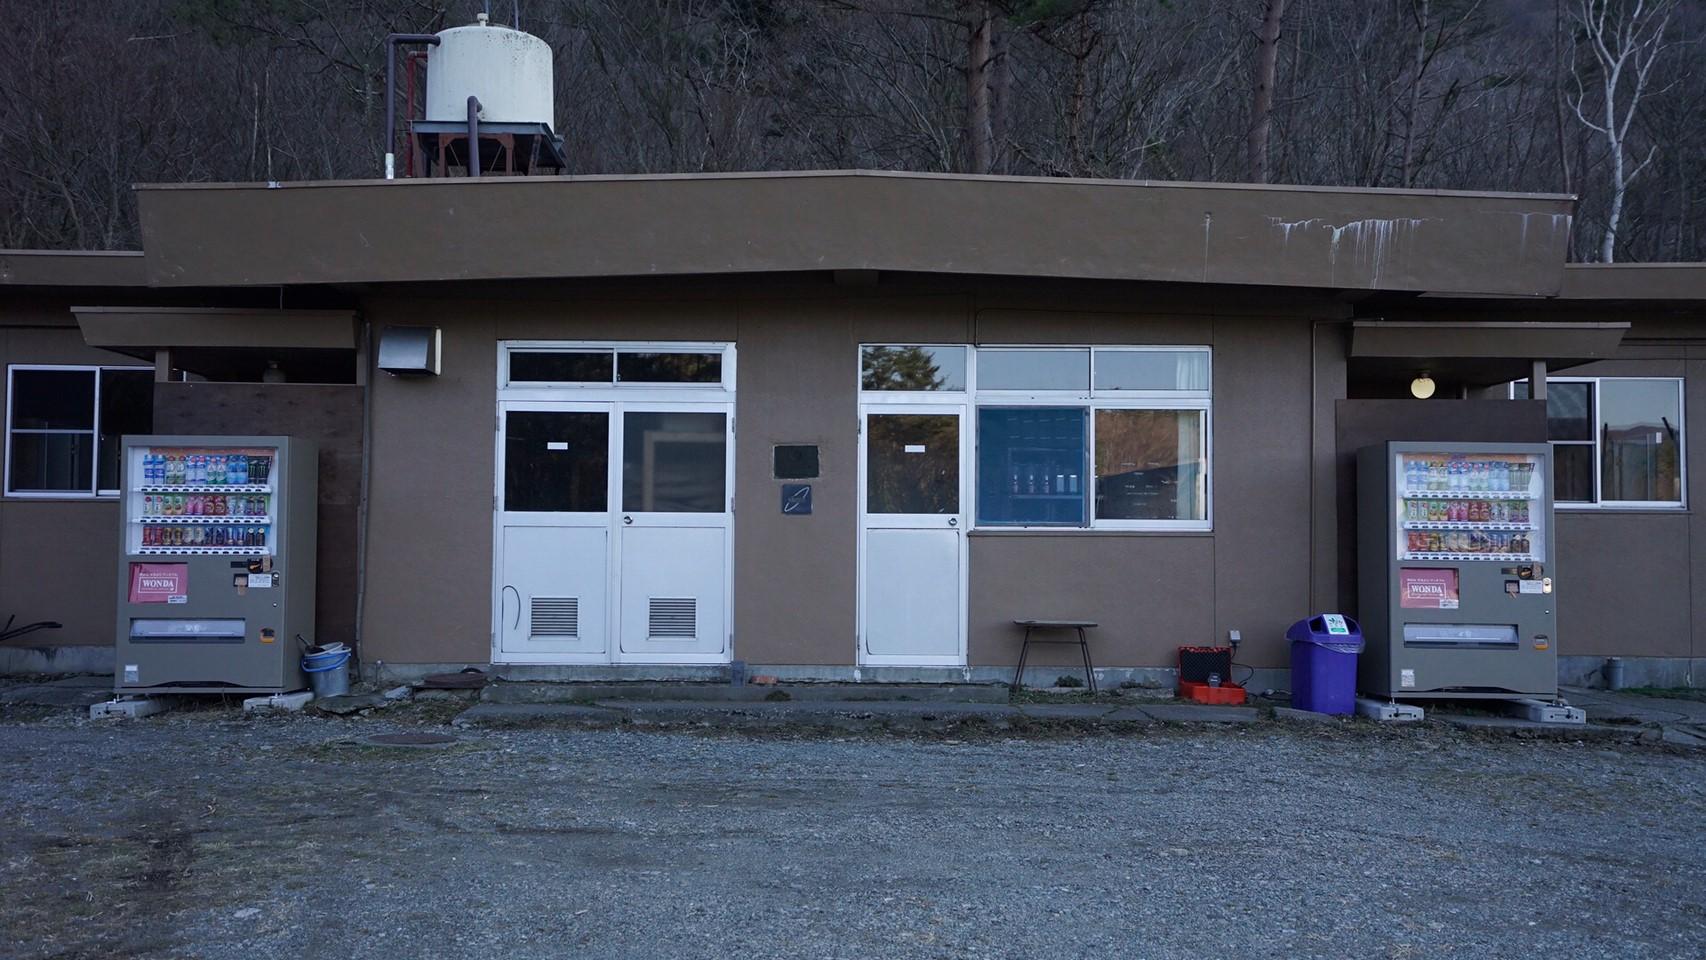 【本栖湖のほとり 富士河口湖町】『SUMIKA CAMP FIELD』攻略ガイド(駐車場・トイレ)